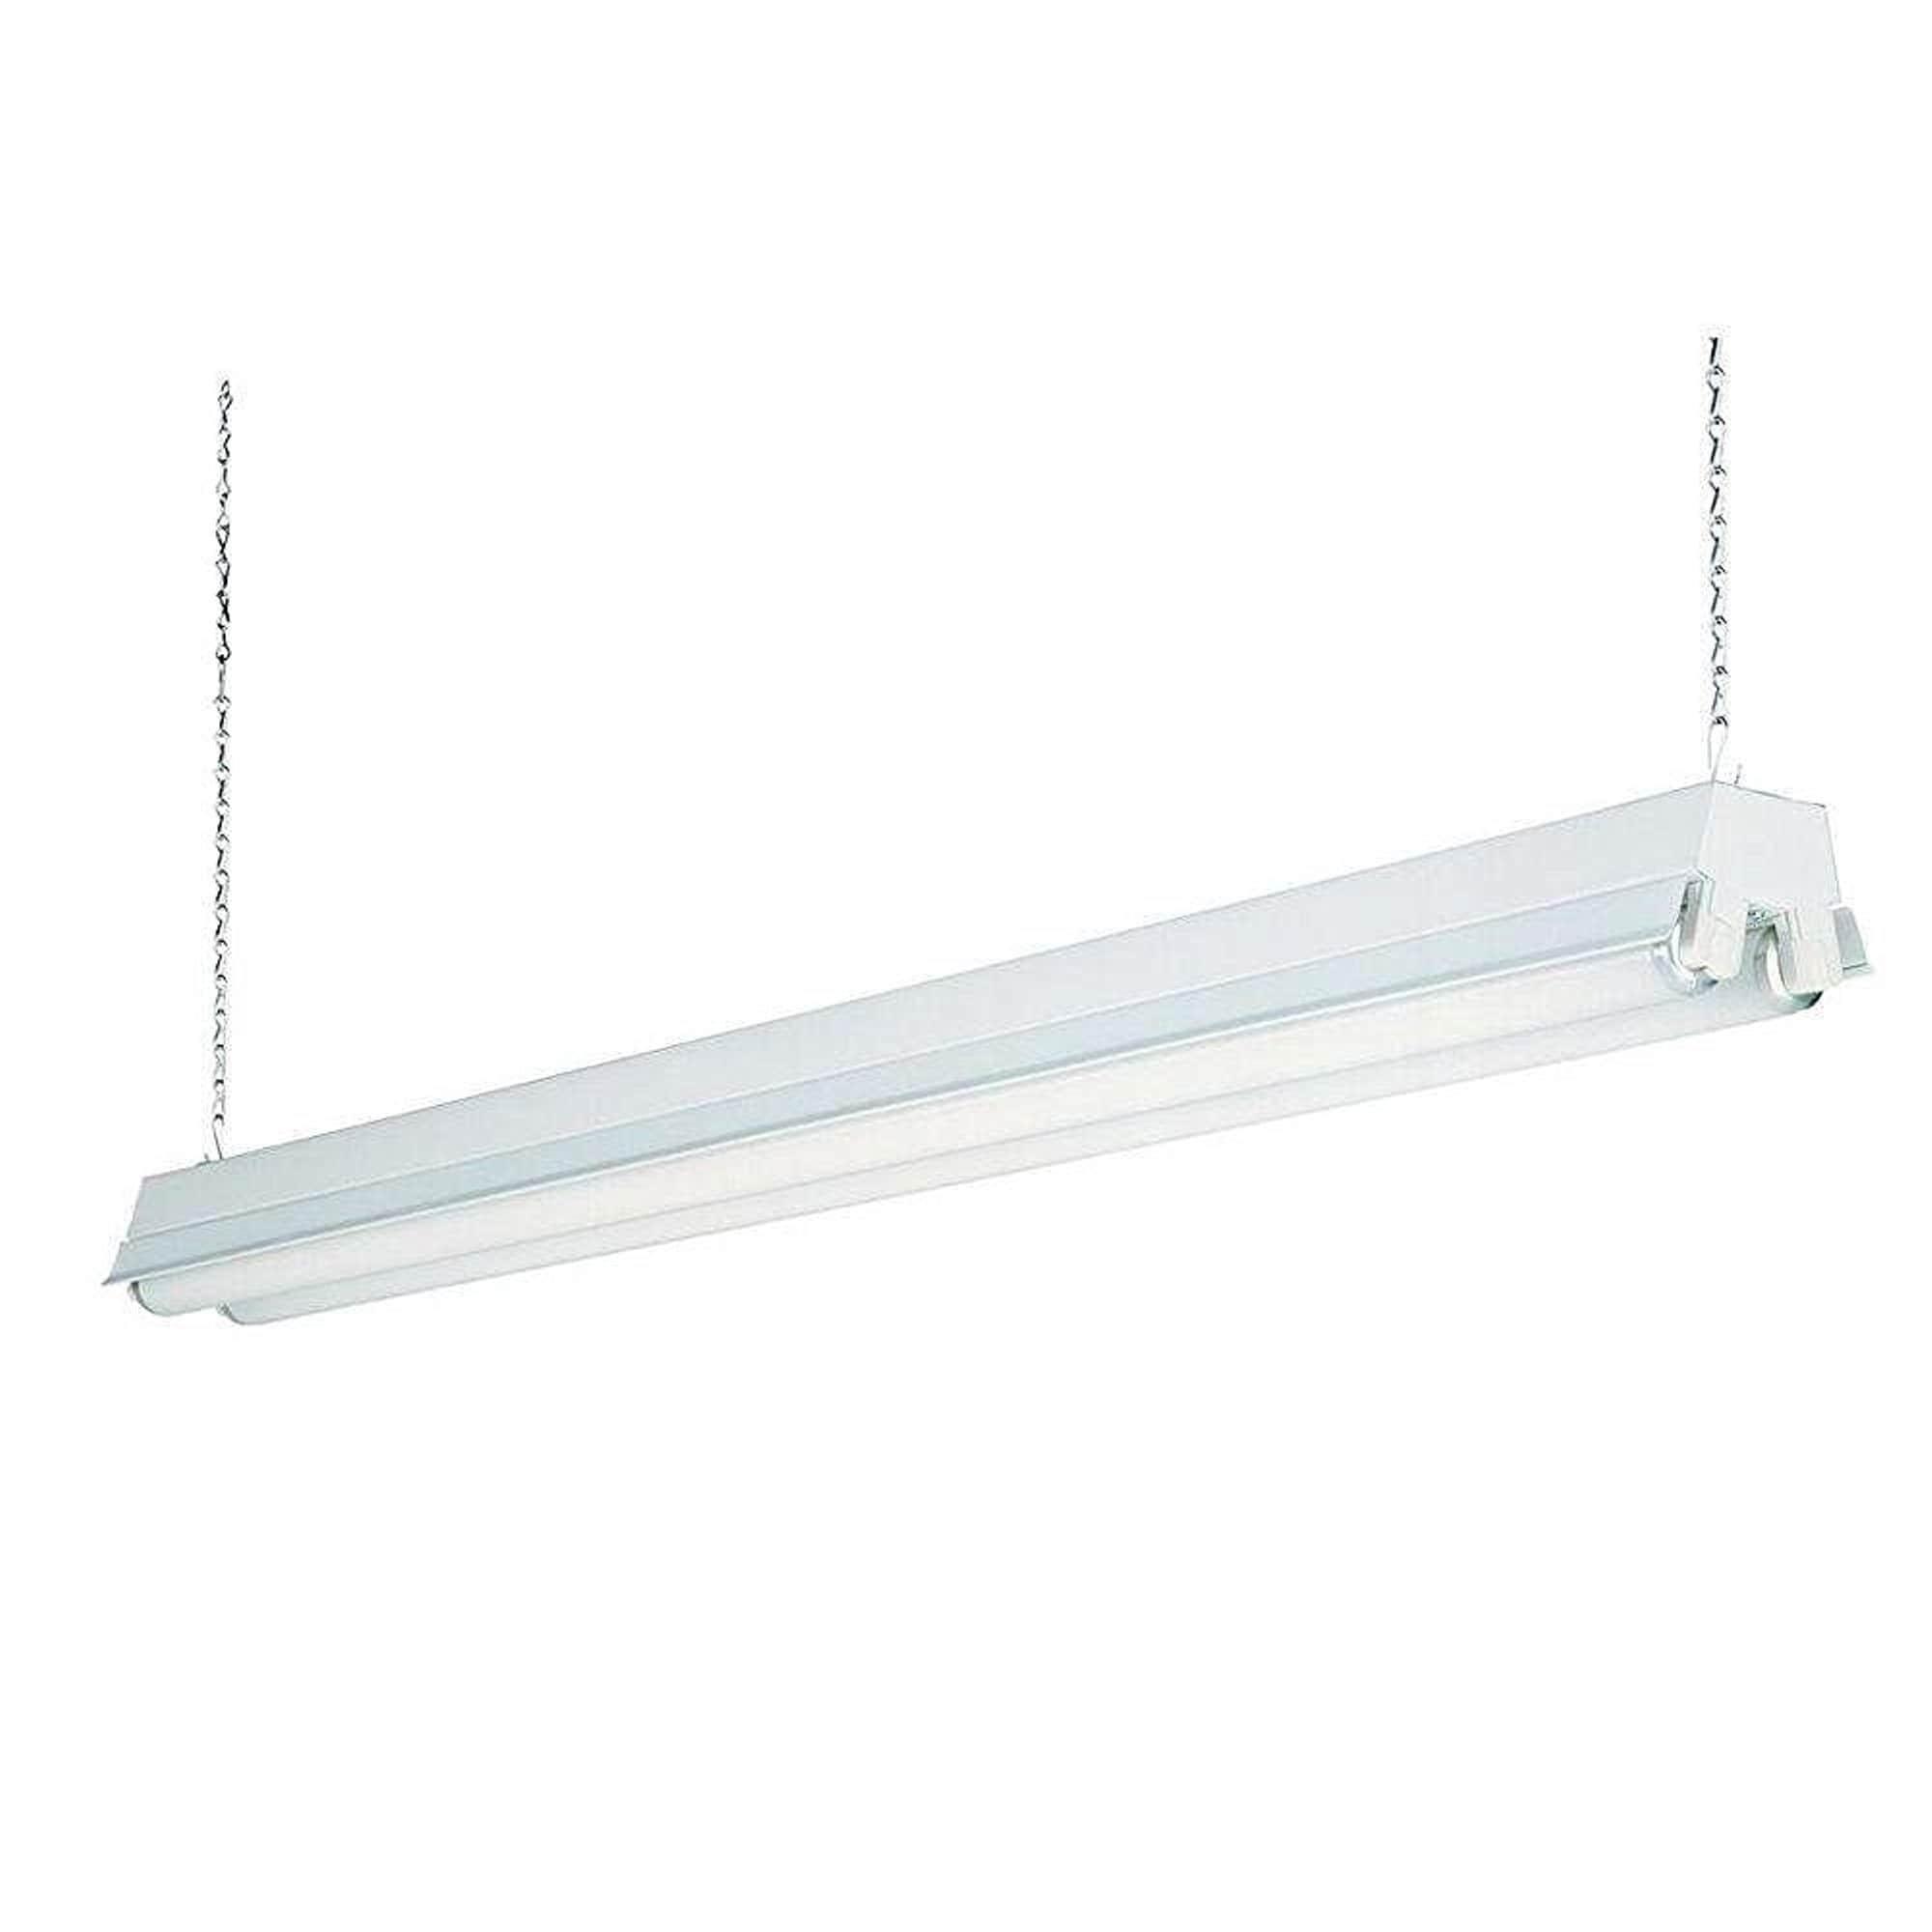 Lithonia Lighting 1233 Re White 2 Light T8 Fluorescent Residential